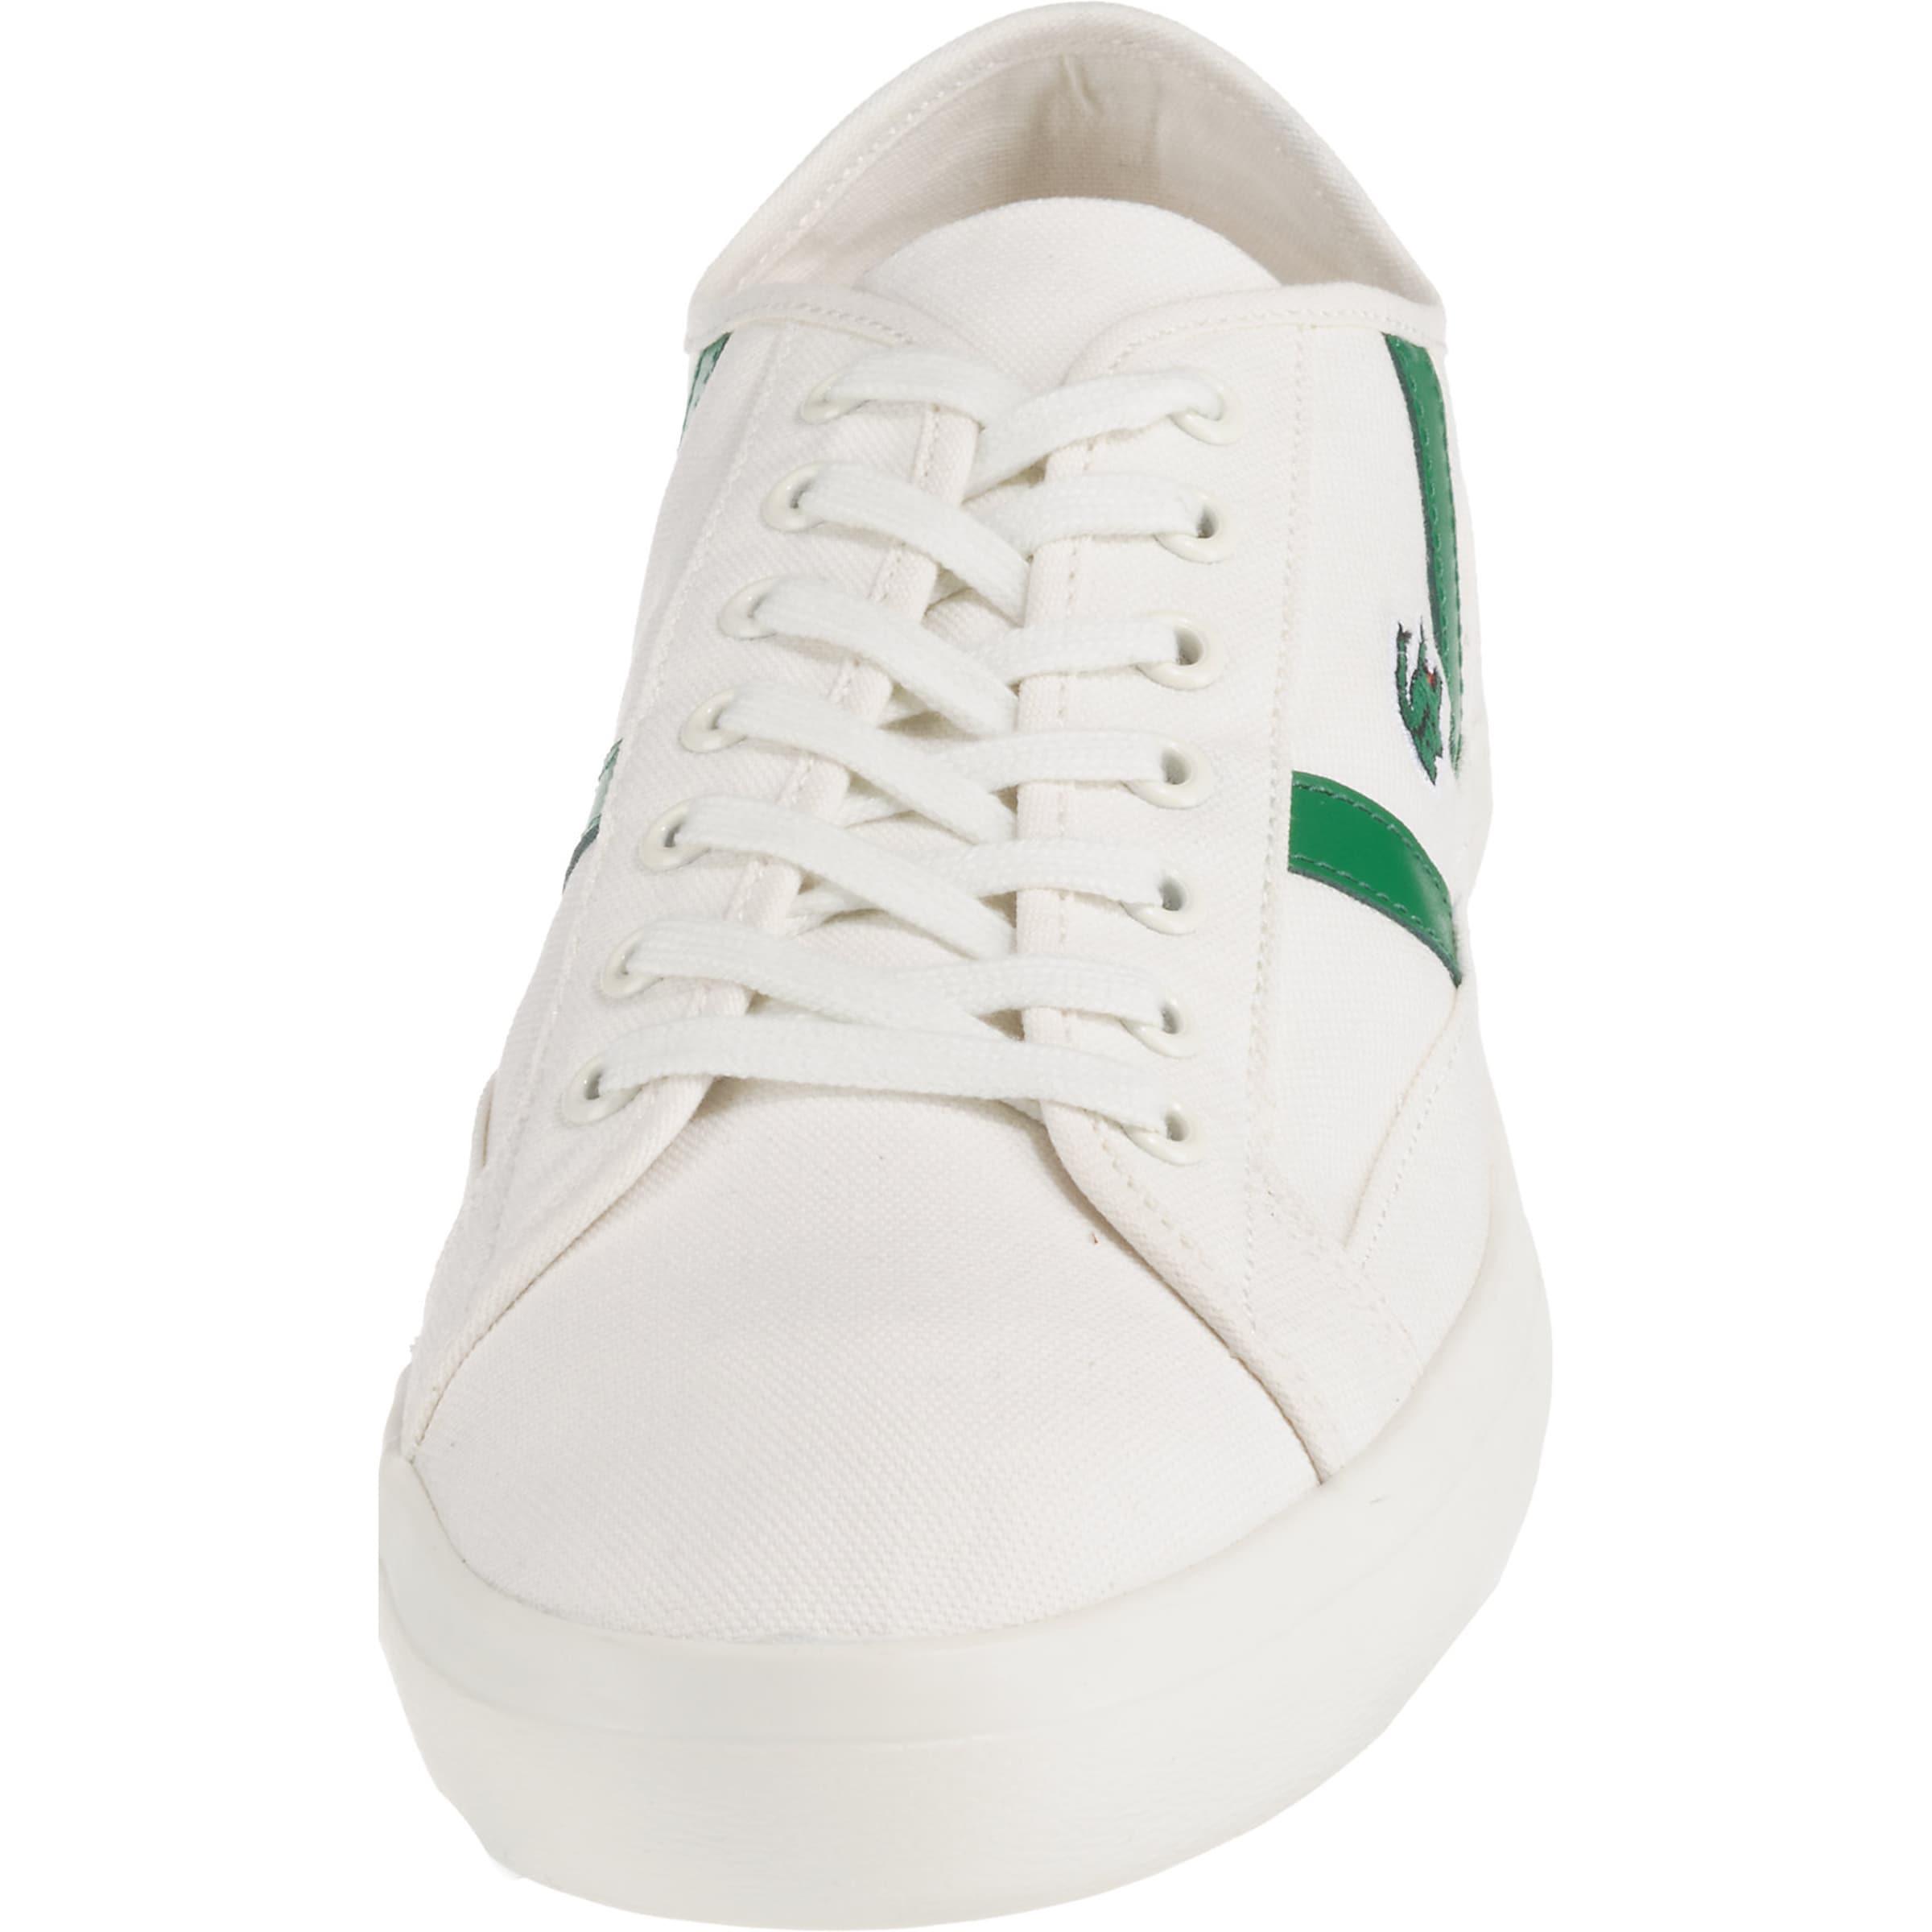 Sneaker 119 'sideline Cma' GrünWeiß Lacoste In 4 f76Ybgyv